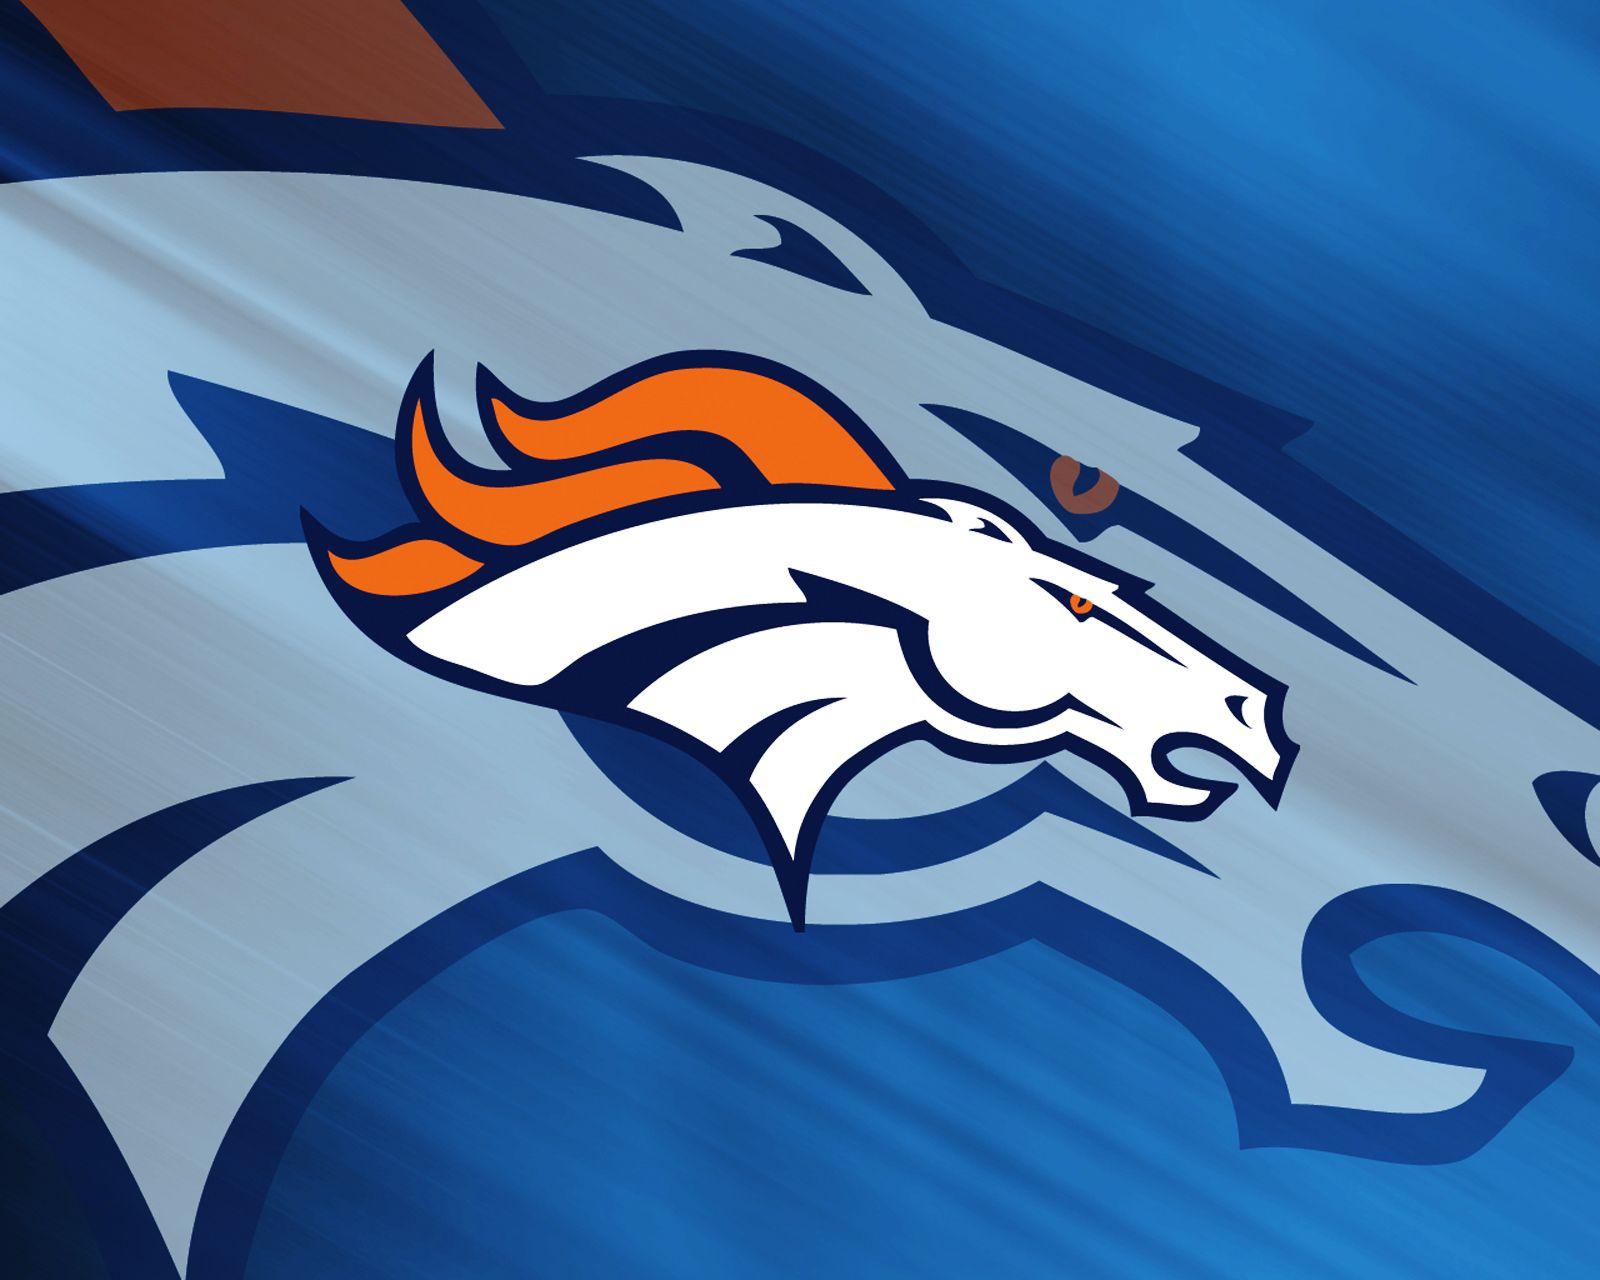 Denver Broncos Logo Hd Wallpapers Download Free Wallpapers In Hd For Your Desktop Denver Broncos Team Denver Broncos Denver Broncos Logo